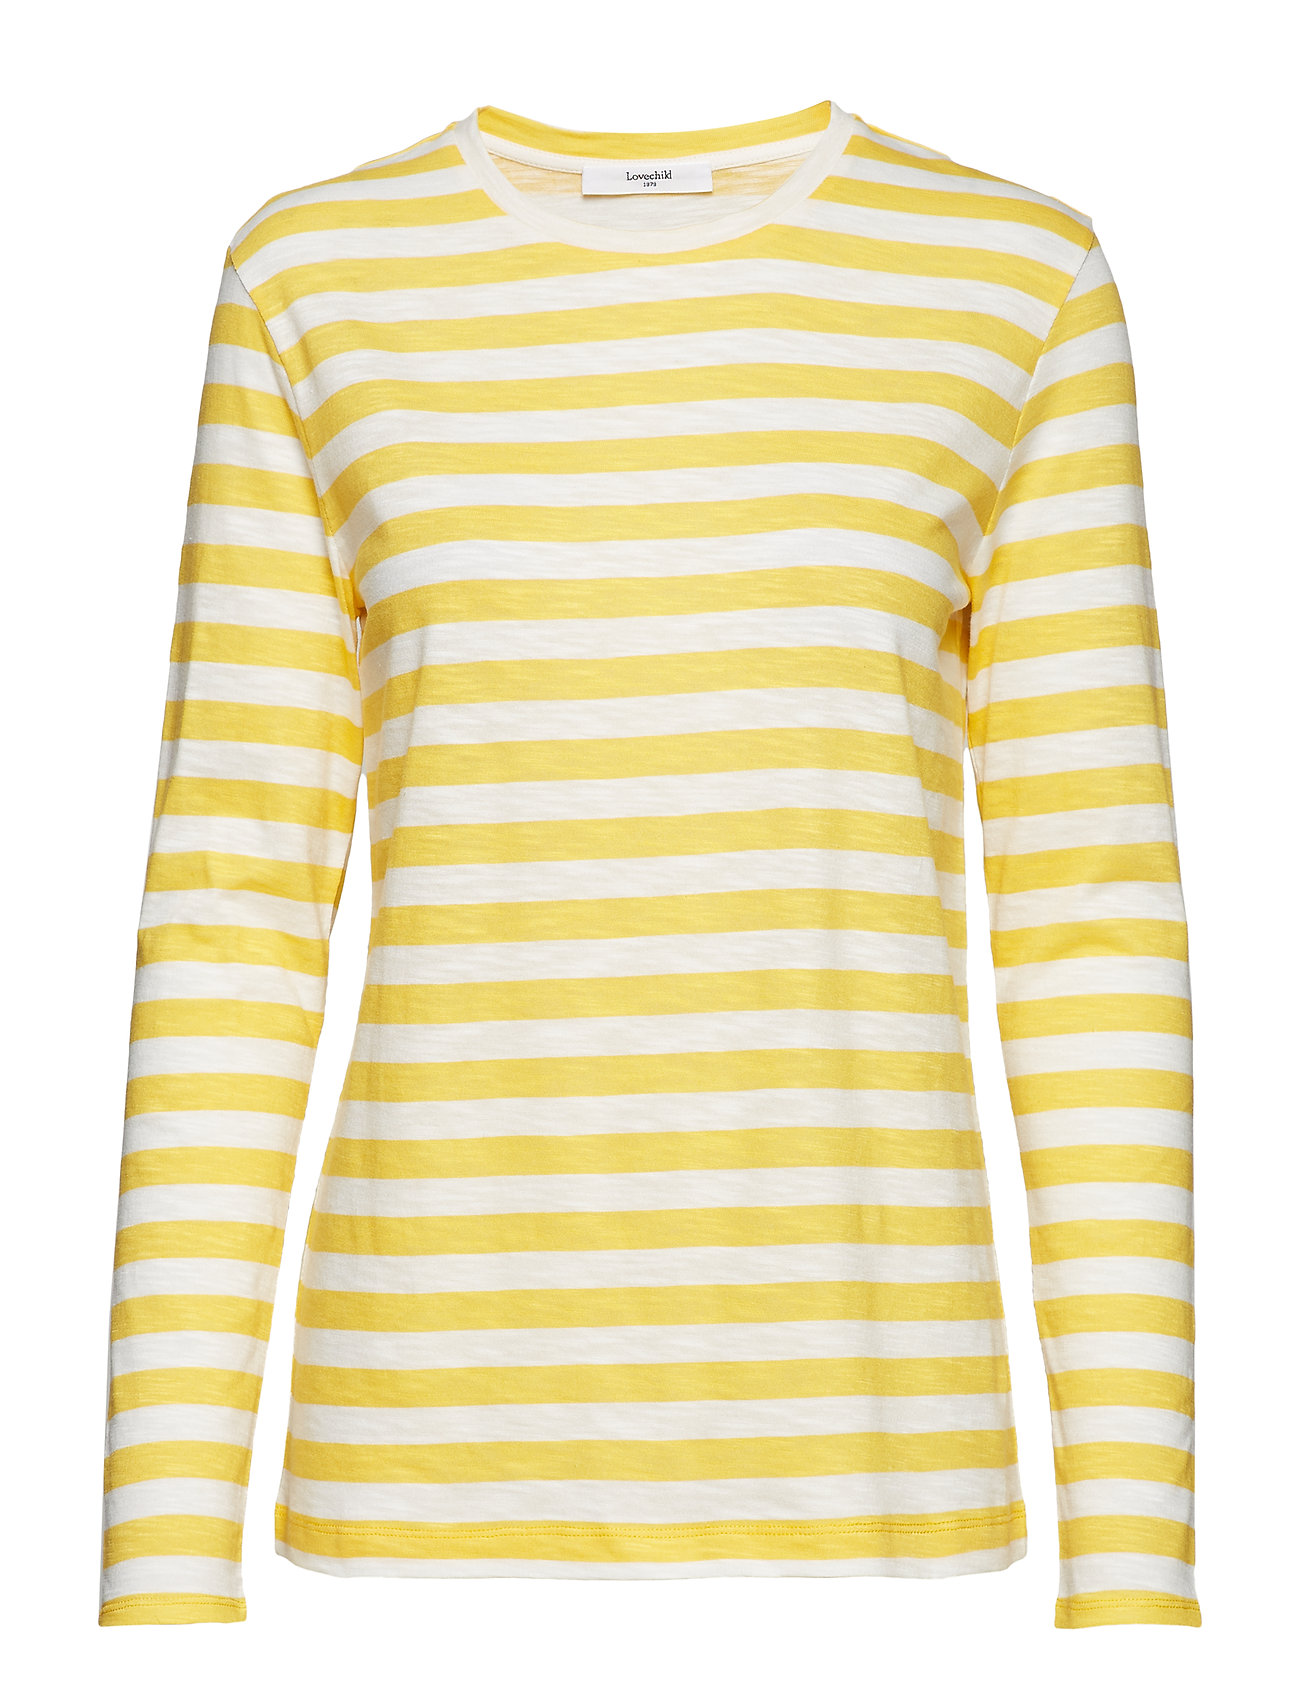 Lovechild 1979 London t-shirt - BANANA CREAM